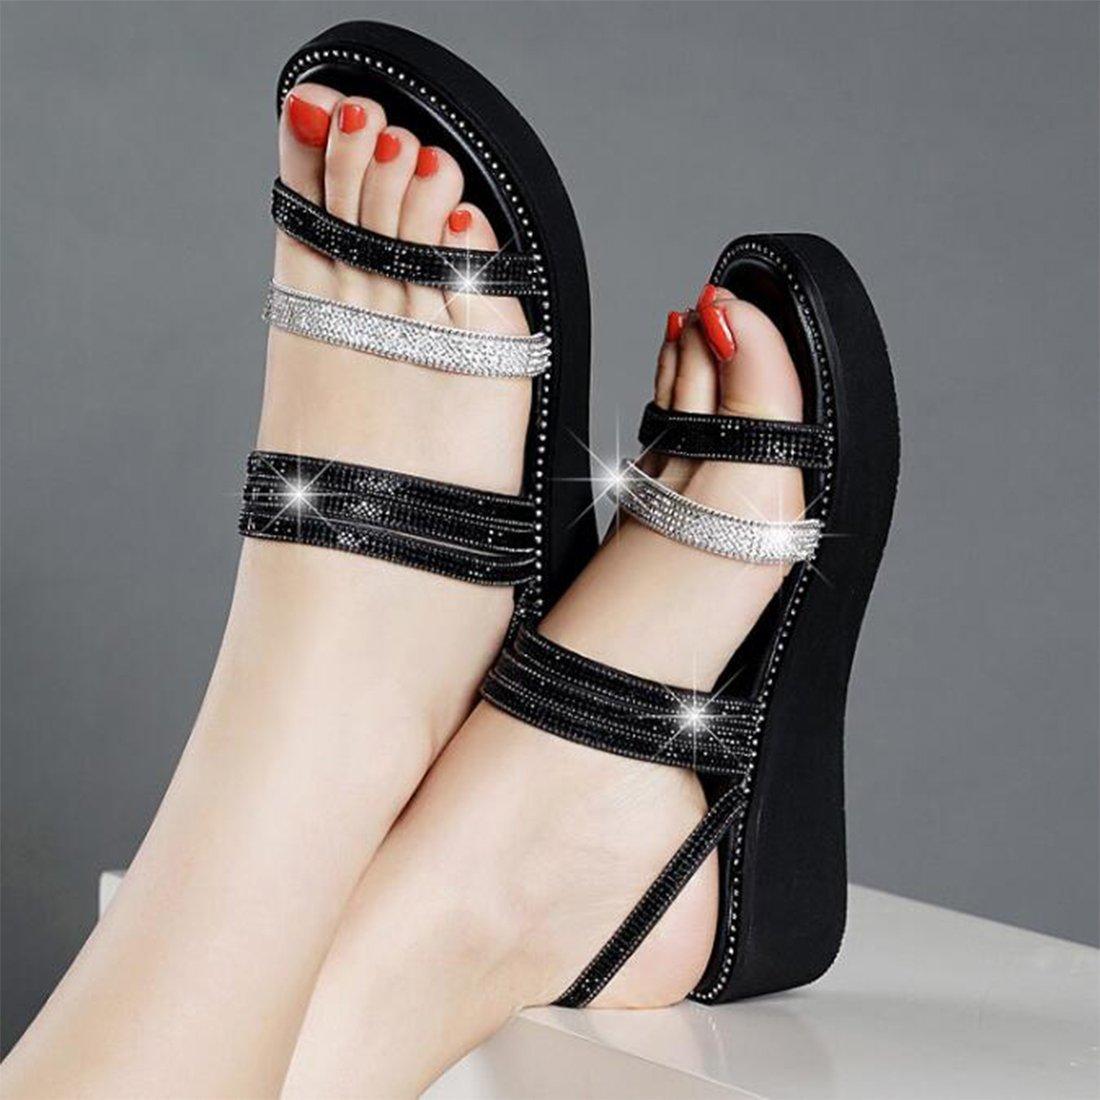 ZHONGST ZHONGST ZHONGST Damen Sommer Sandalen Medium Thick Slip Sandalen Strass Sandalen schwarz 4f05cb